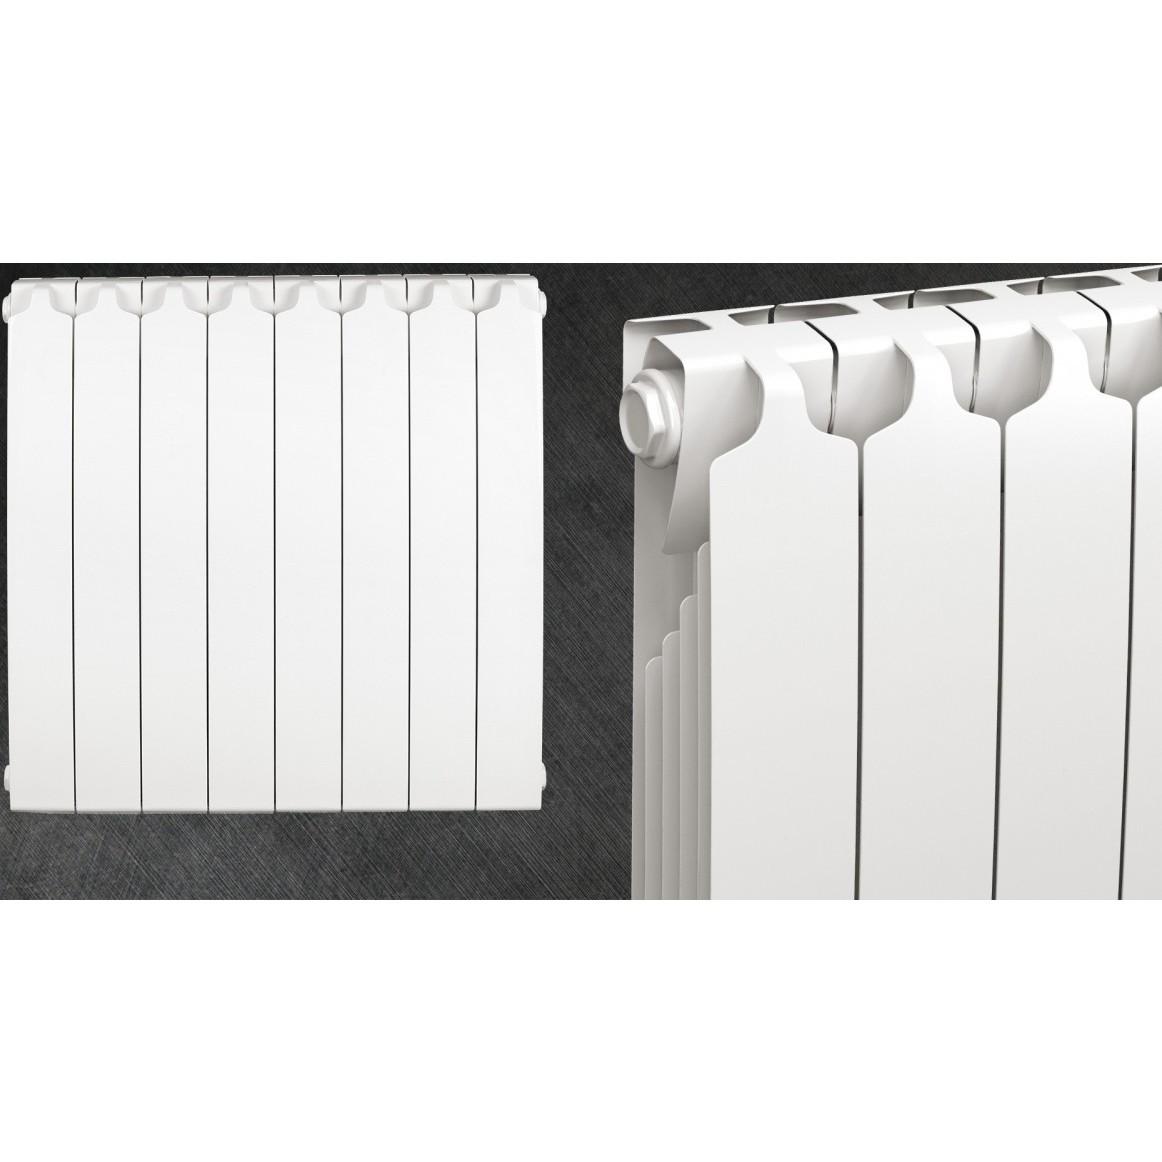 Итальянские радиаторы отопления: производители fondital, sira, radiko, global из италии